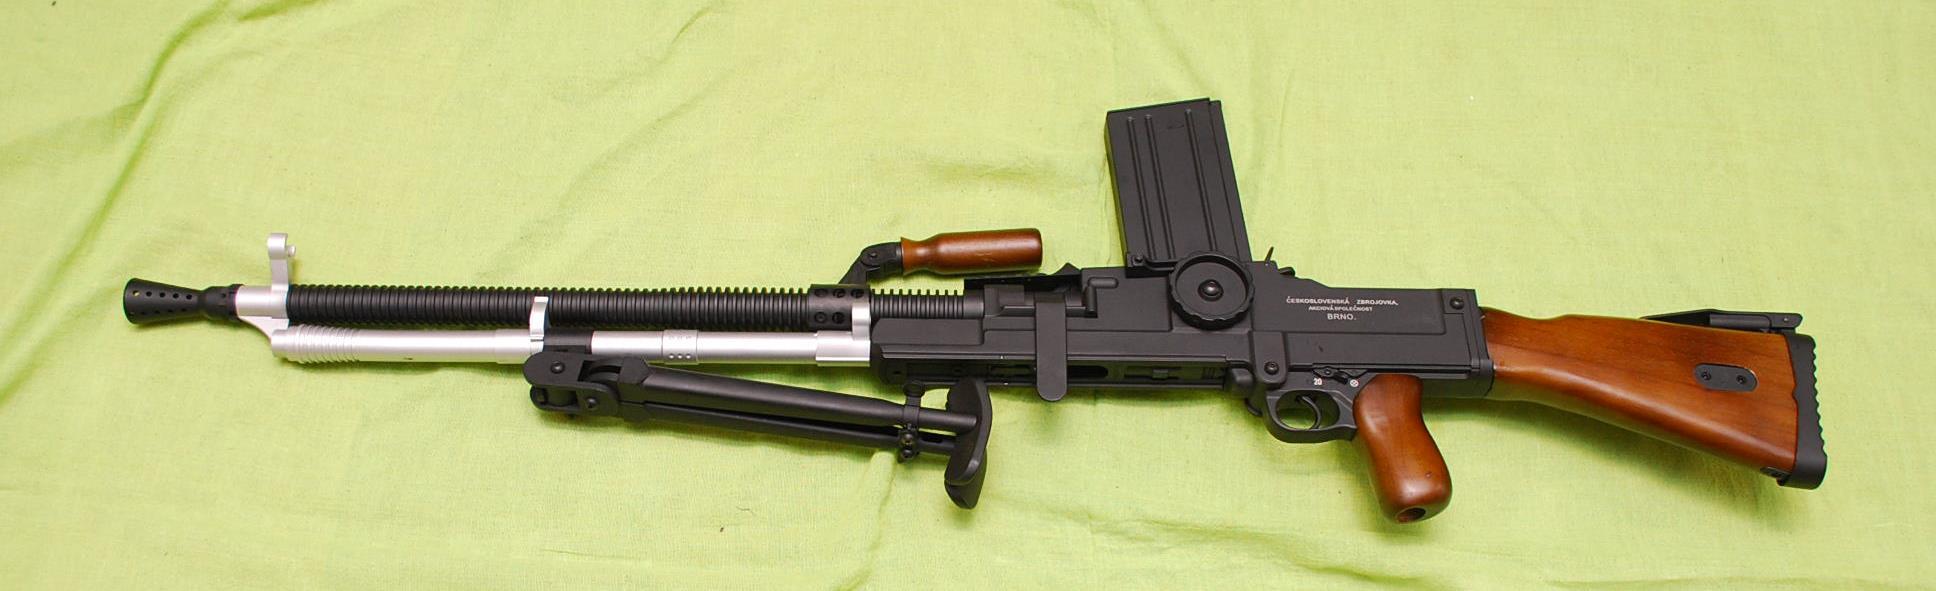 MYTH製 ブルーノZB26軽機関銃